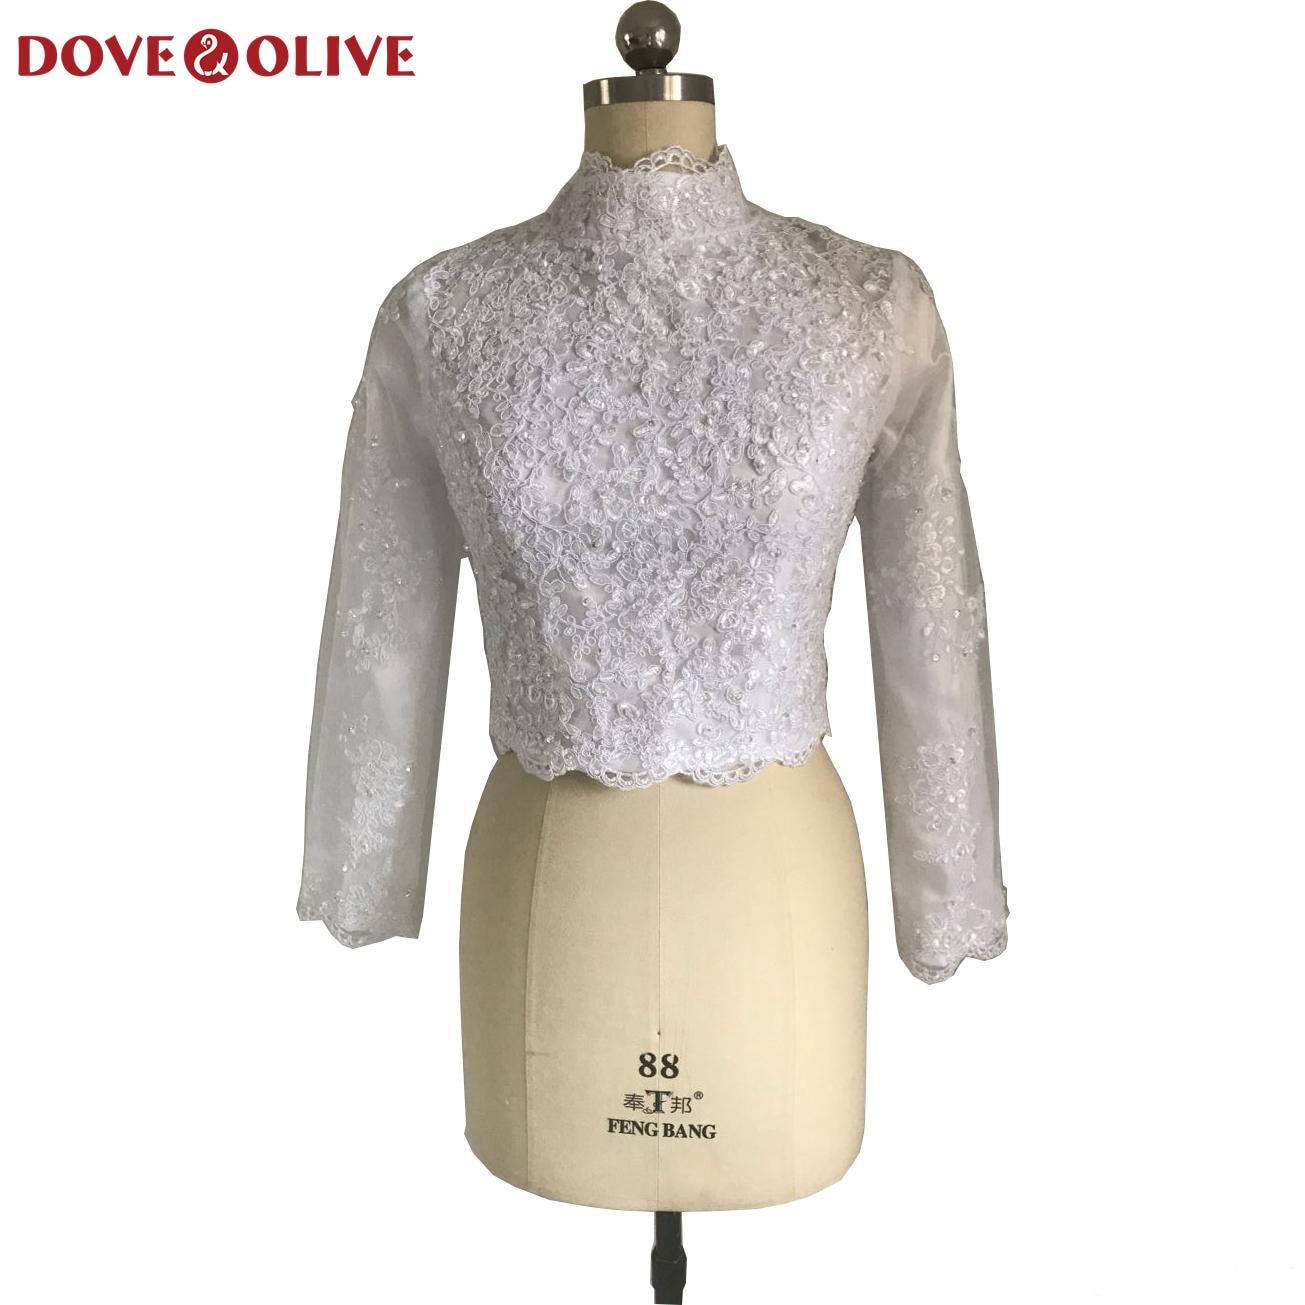 Long Sleeves Wedding Bolero White Ivory Lace Deep V-neck Bridal Shawl Jacket